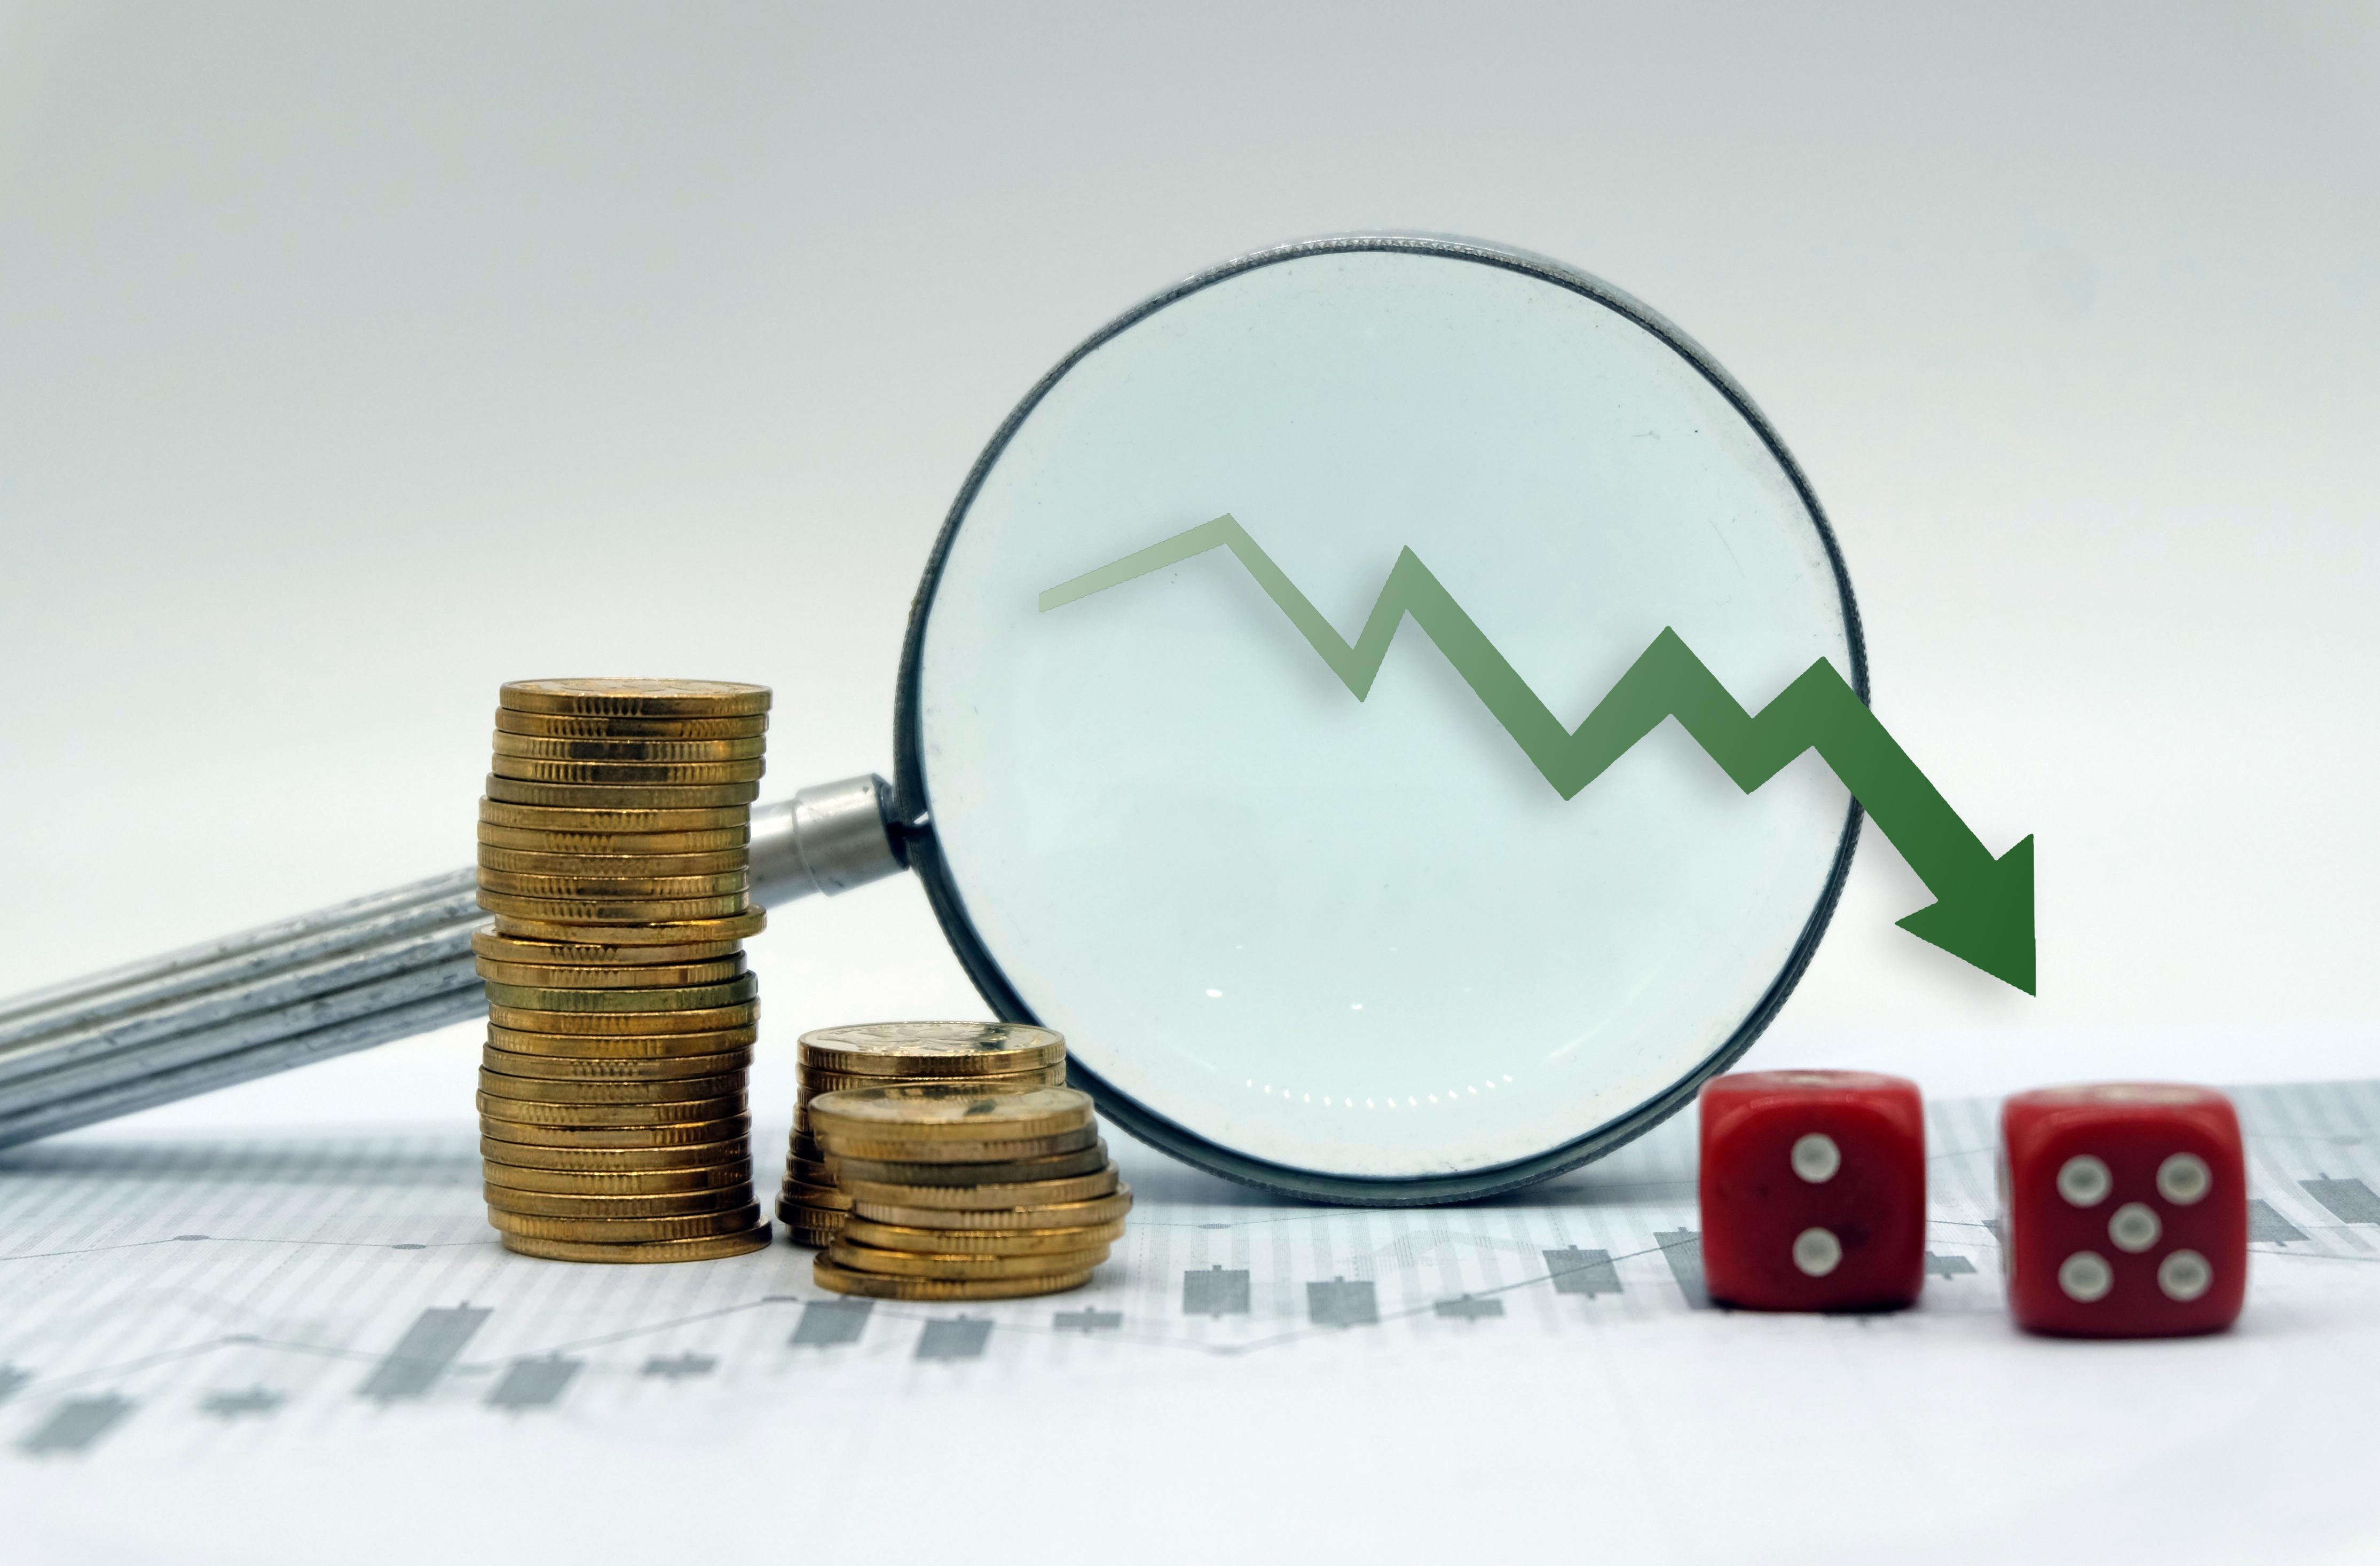 创科实业(00669.HK):中期纯利升12%,股价一度跌逾4%